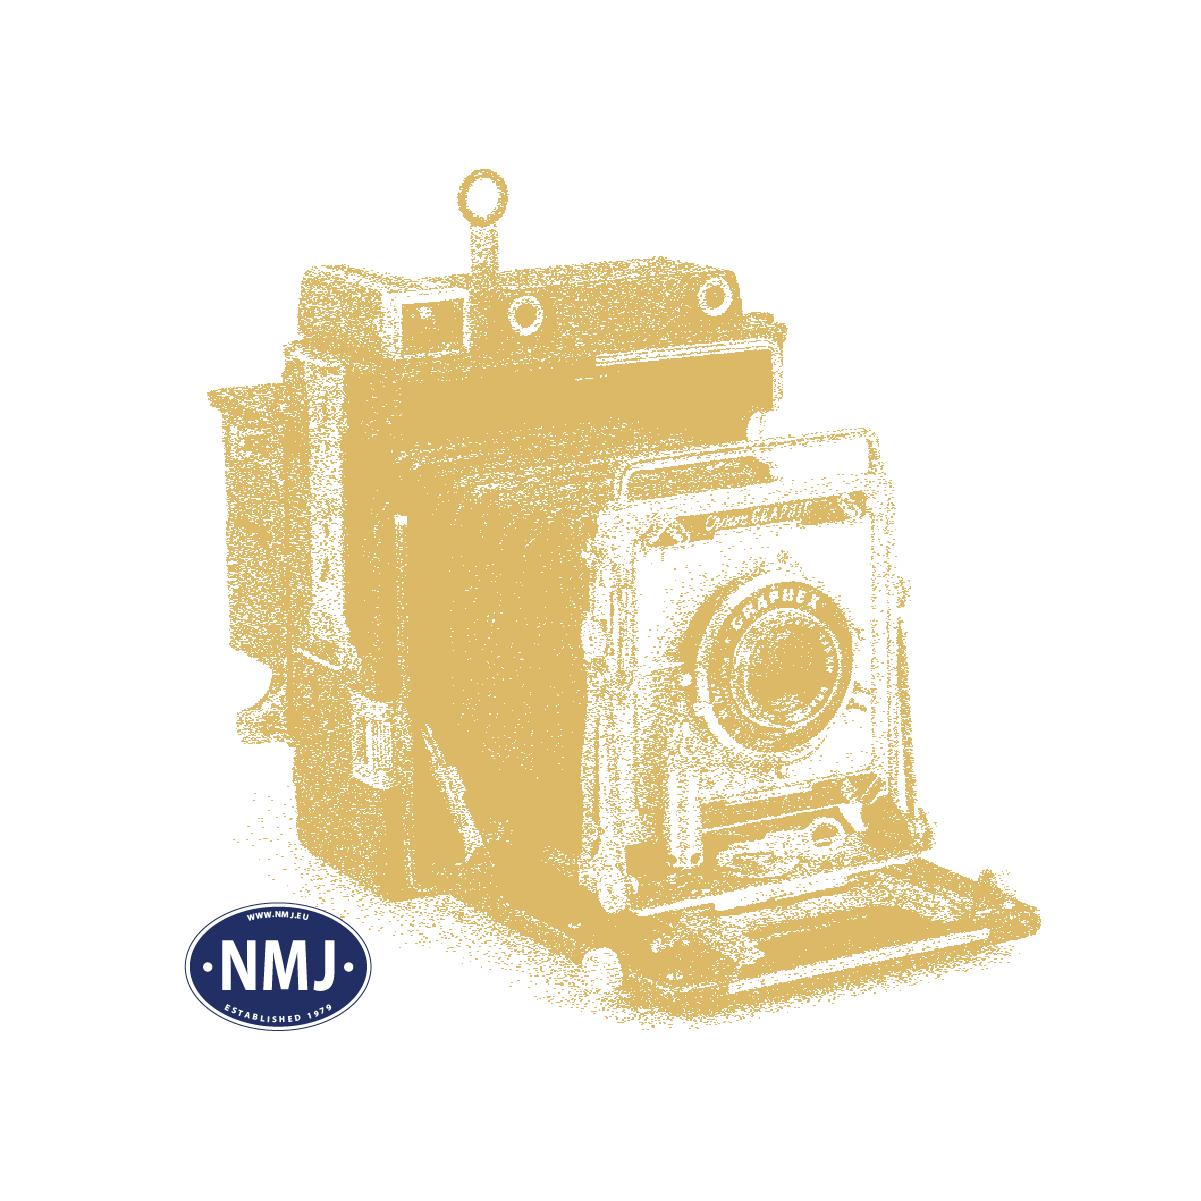 NMJT93004 - NMJ Topline SJ YF1 1331, Oransje, DCC m/ Lyd